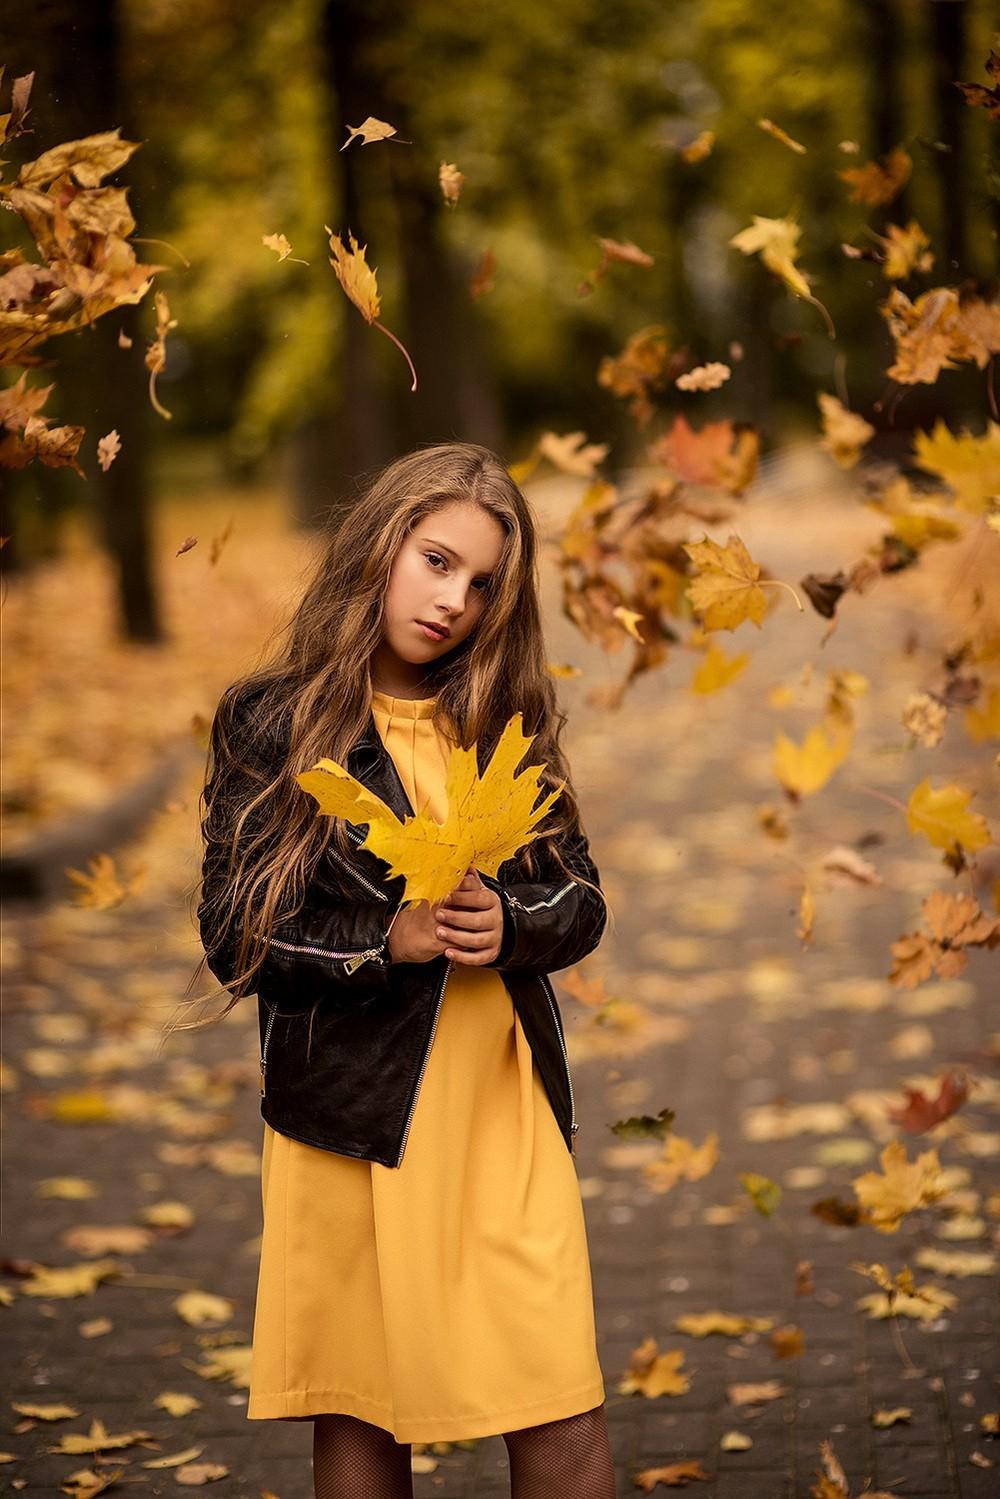 Детская фотосессия - Осень 2019